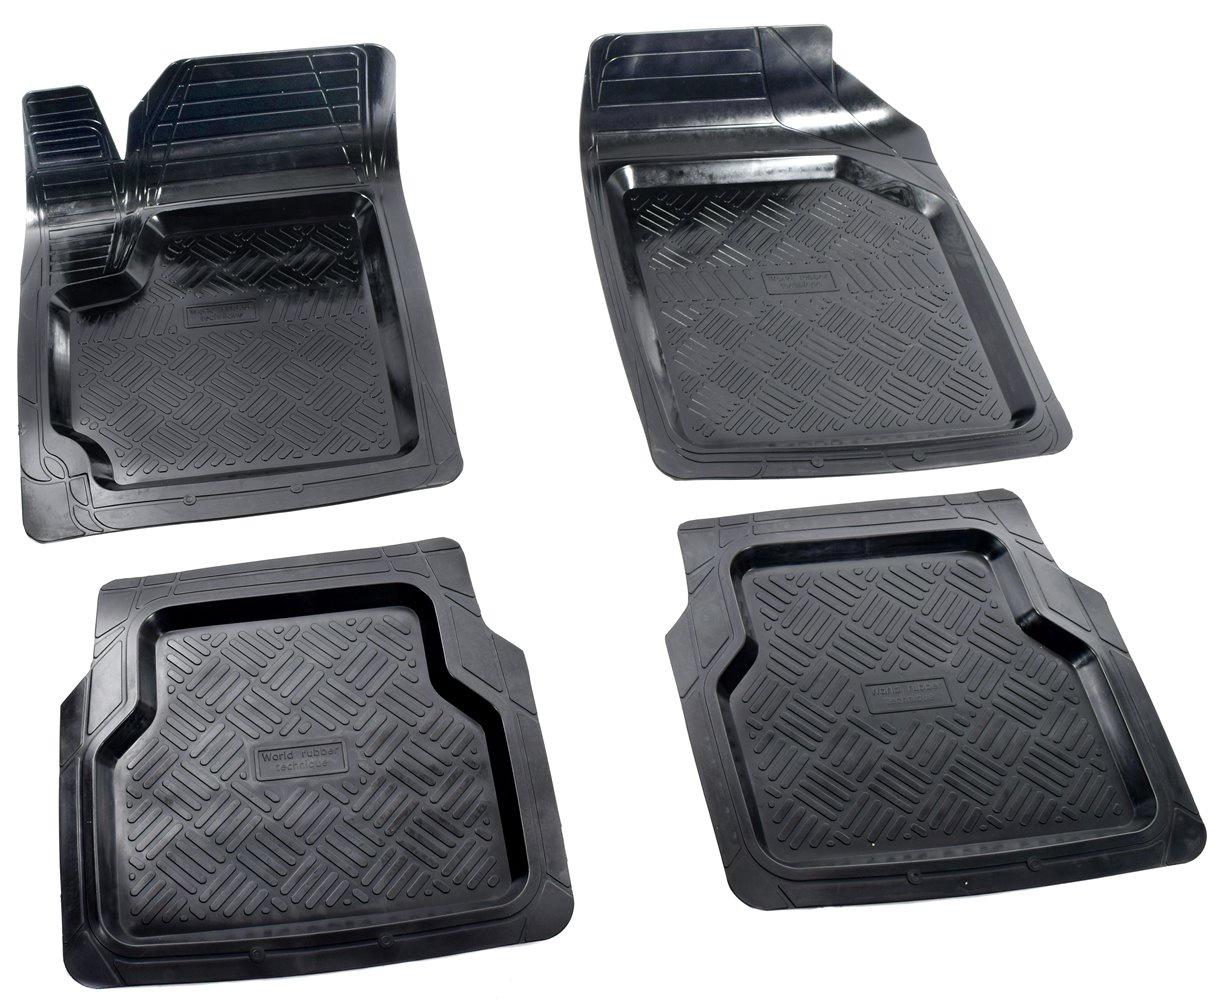 игровые коврики Коврики в салон автомобиля Avtodriver Вариант, универсальные, 4 шт, ADRU002, резиновые, с бортиком, черный